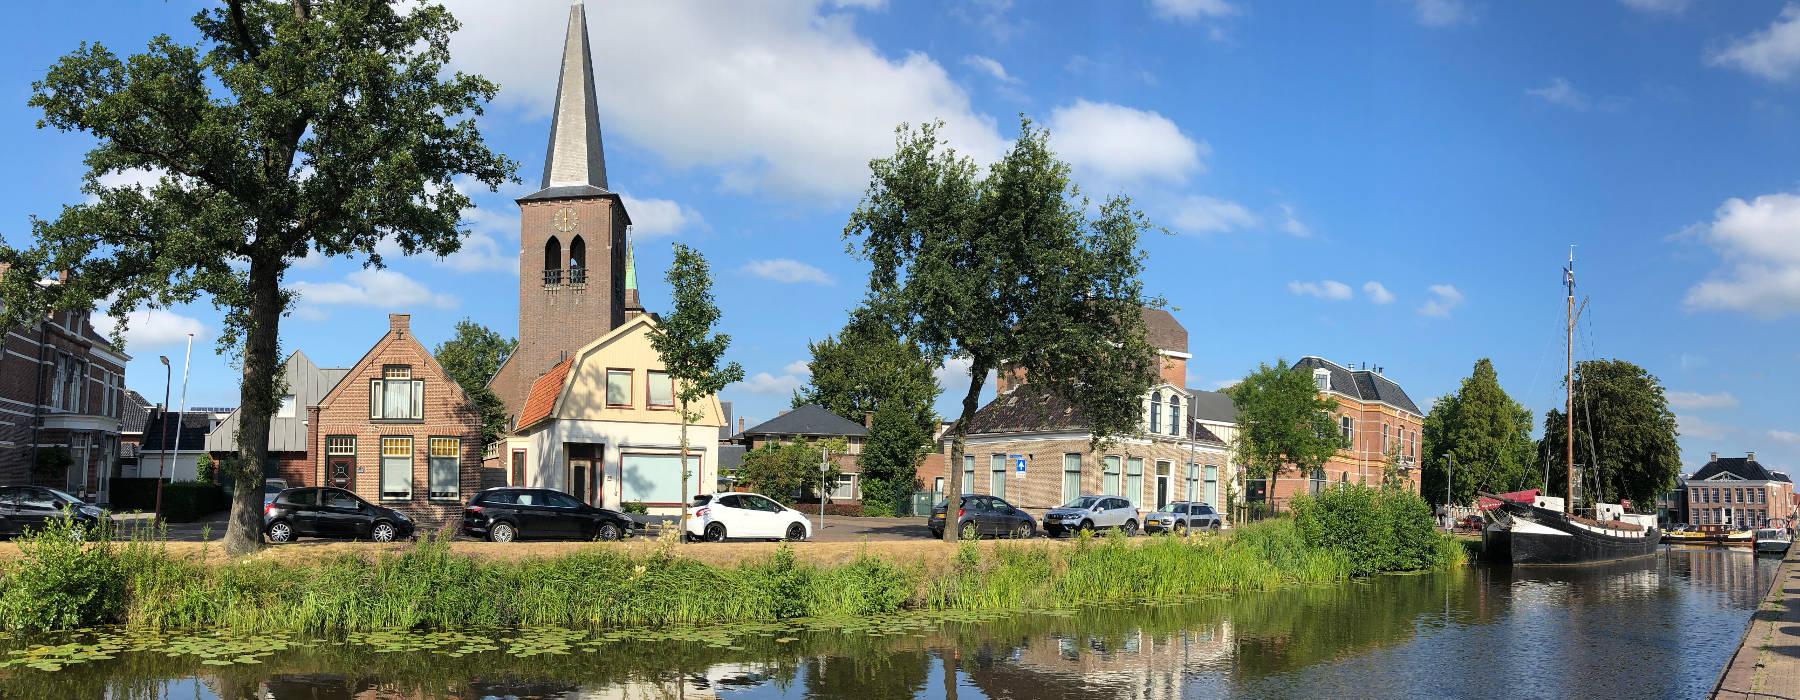 Nijs Gemeente It Hearrenfean - Gracht